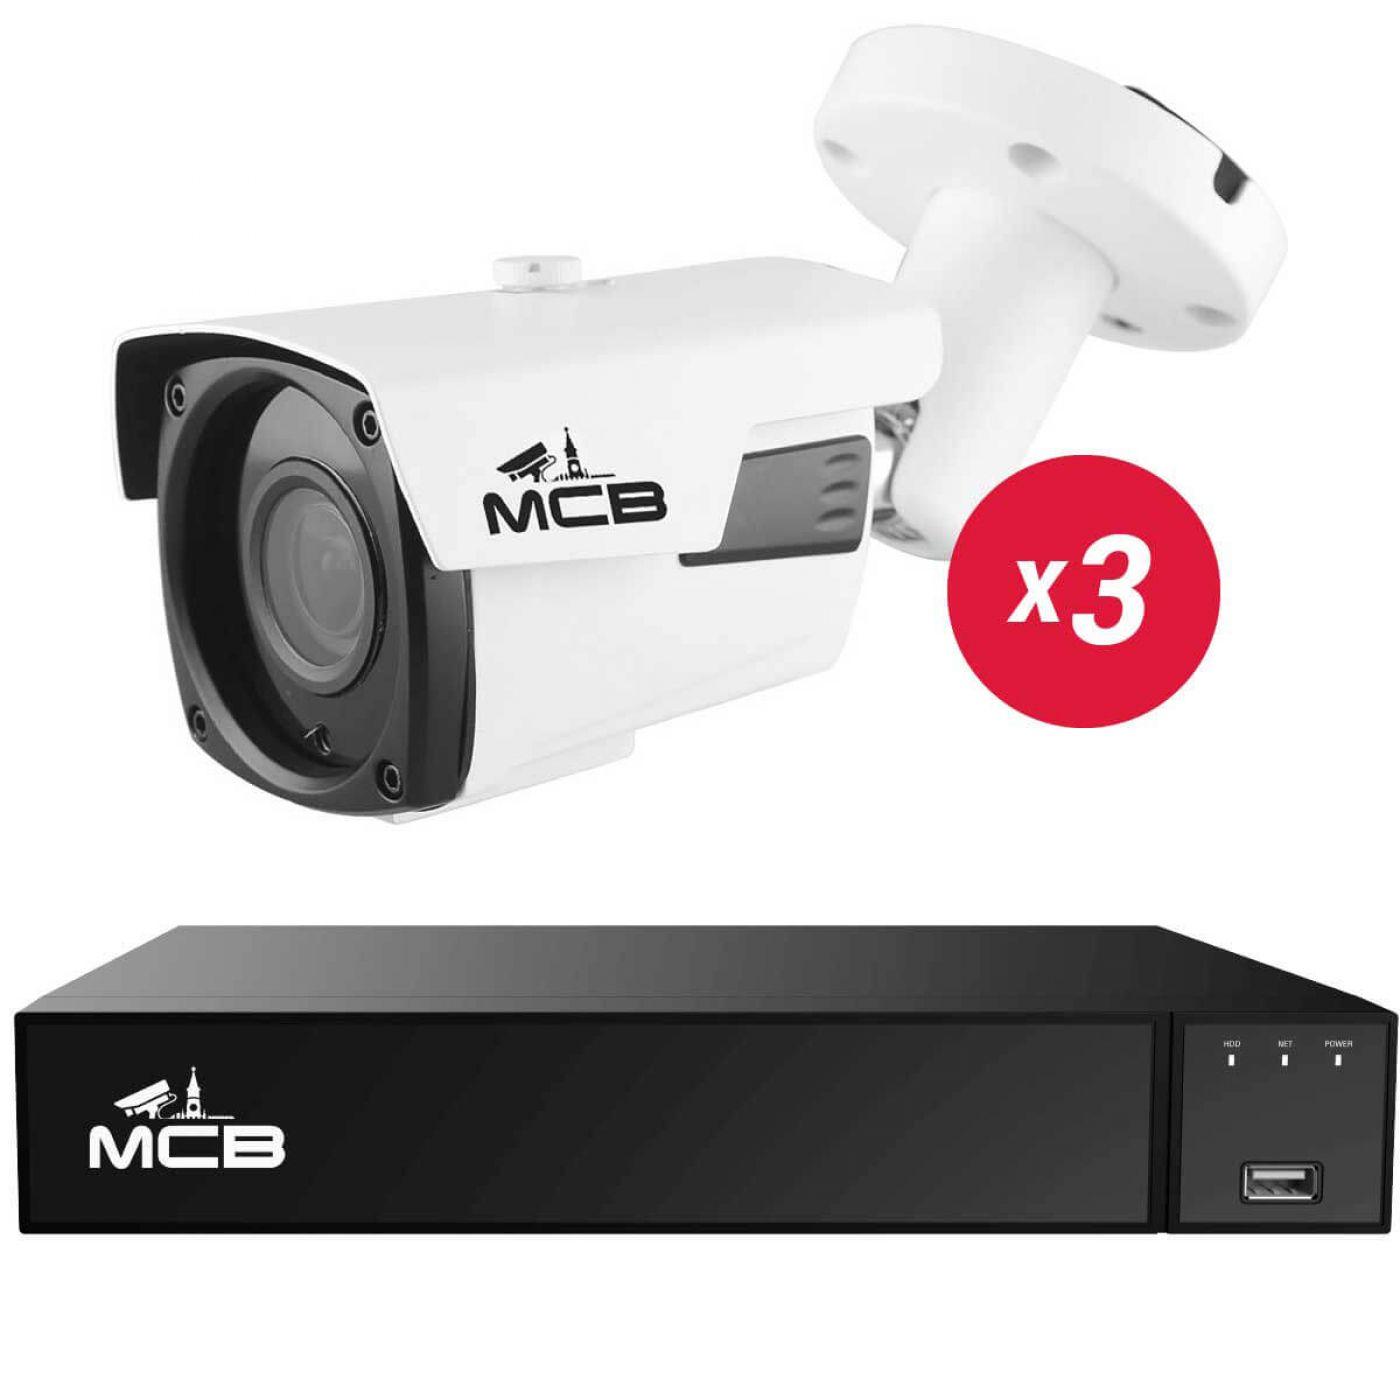 Комплект видеонаблюдения на 3 камеры по 5 Мегапикселей Pro